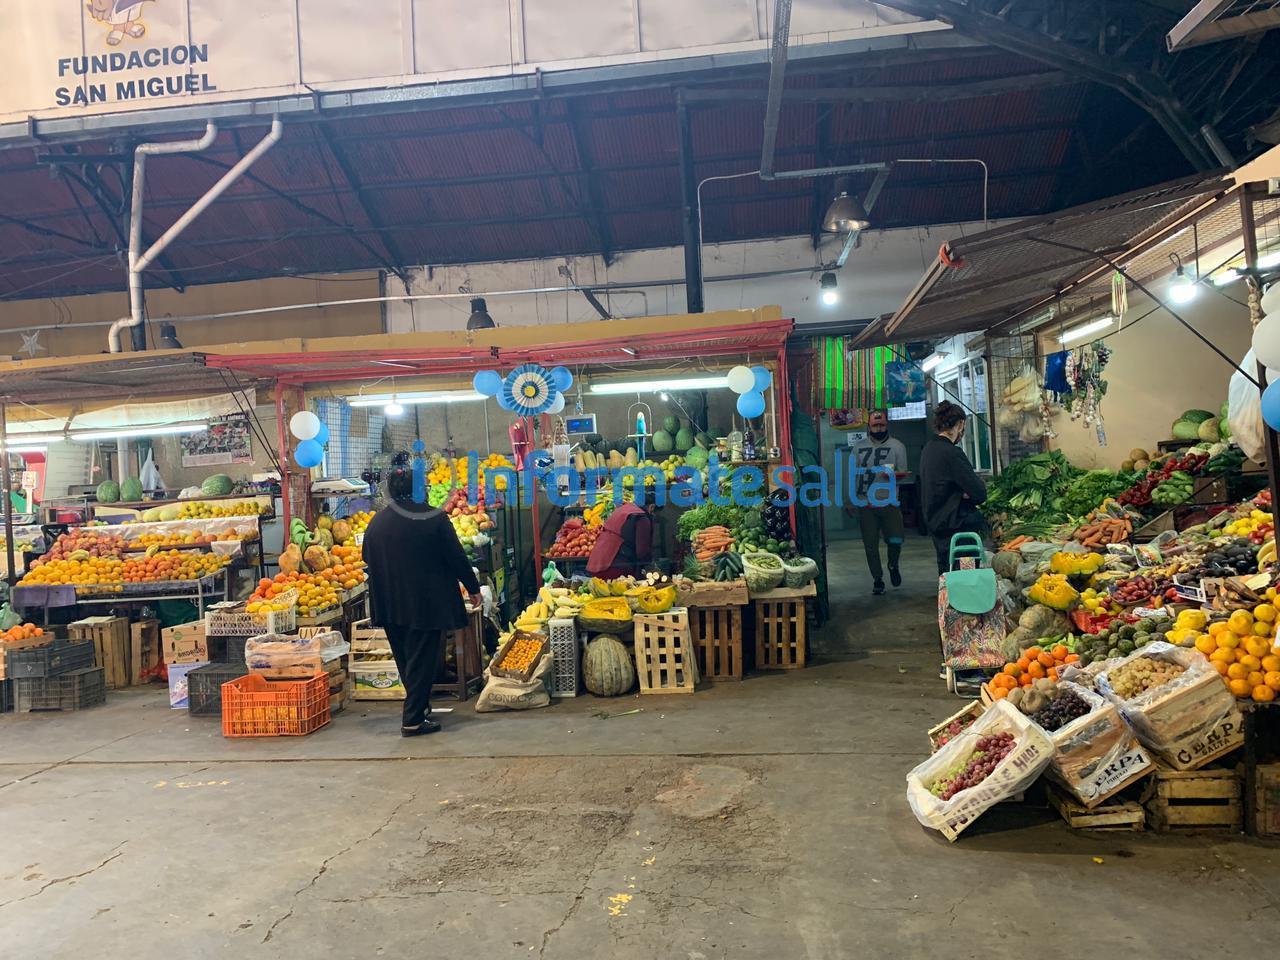 mercado san miguel ventas precios verduras frutas economia inflacion relevamiento